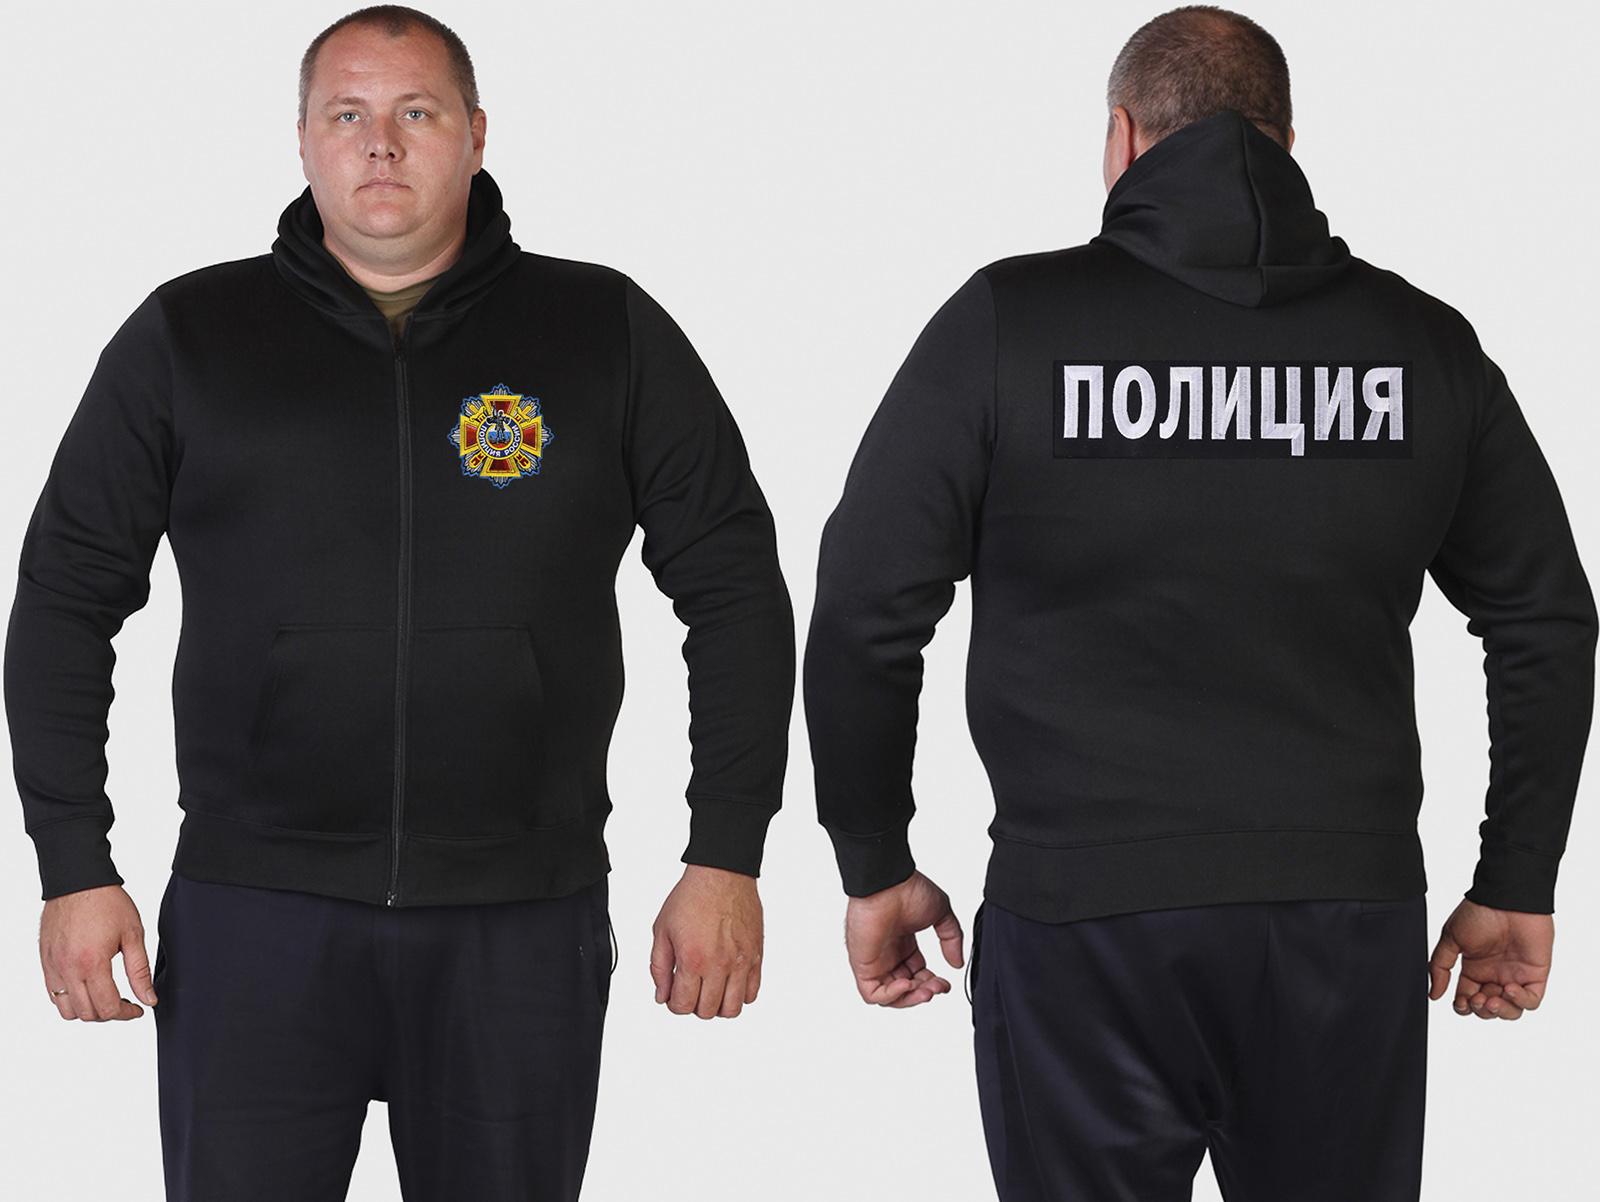 Классическая толстовка на молнии для парней полицейских.